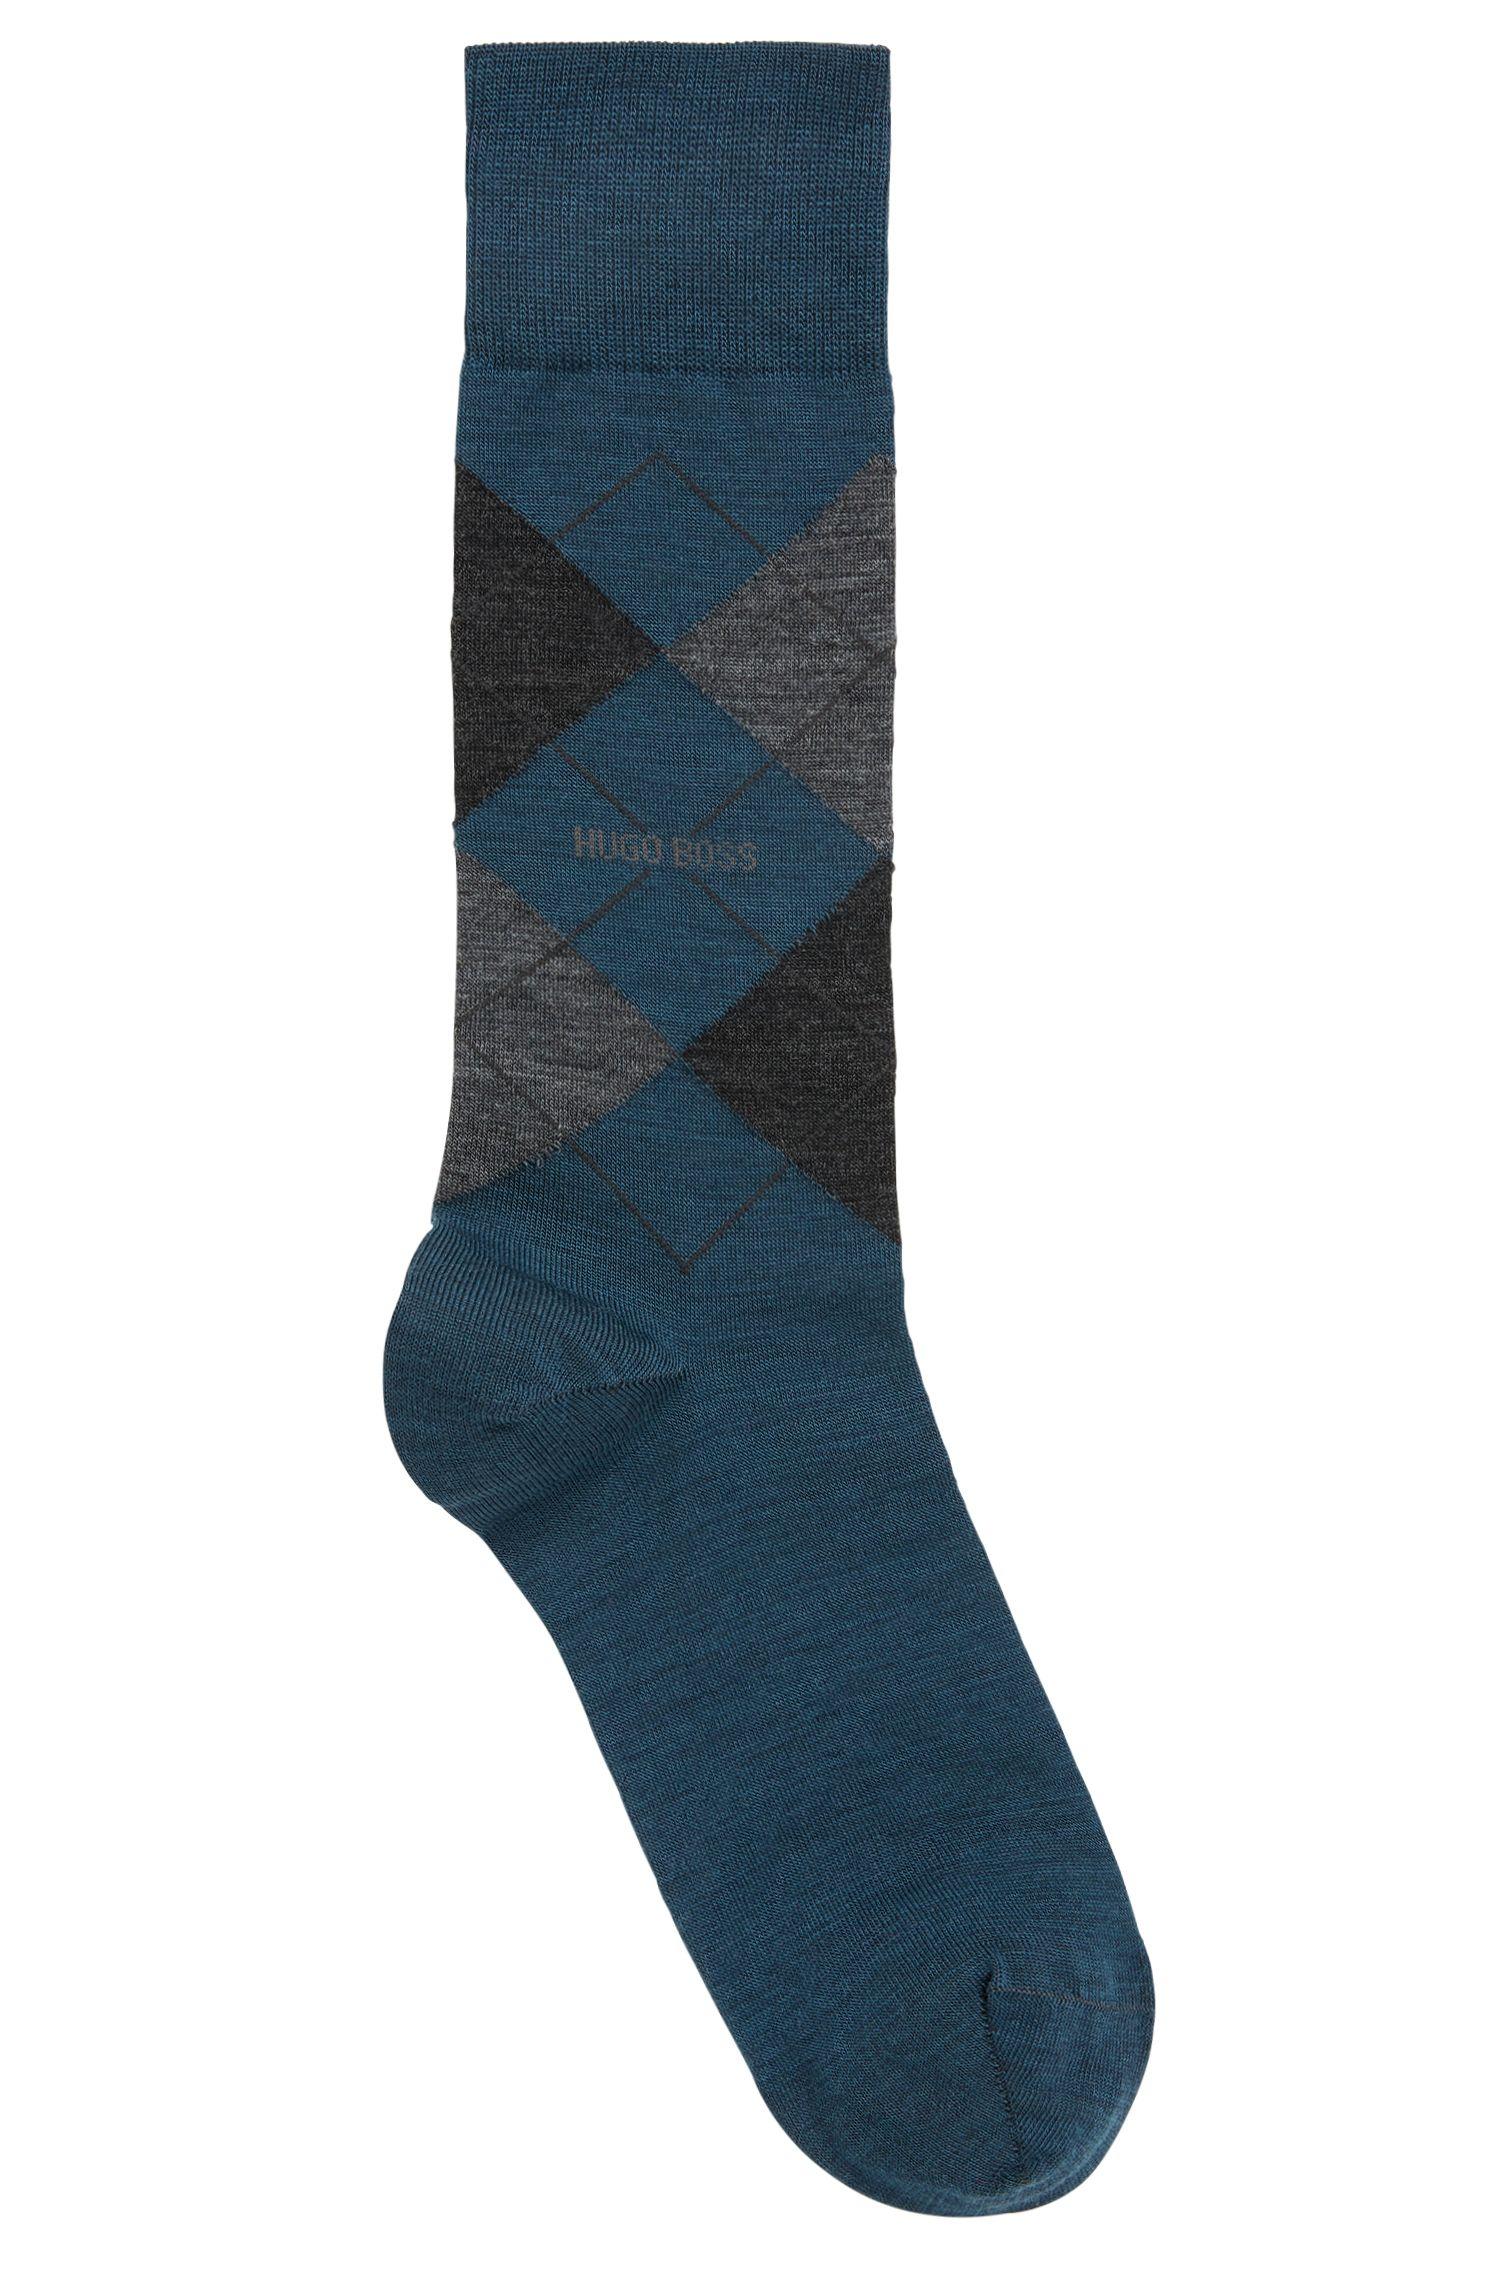 Mittelhohe Socken aus Temperatur regulierendem Woll-Mix mit Baumwolle